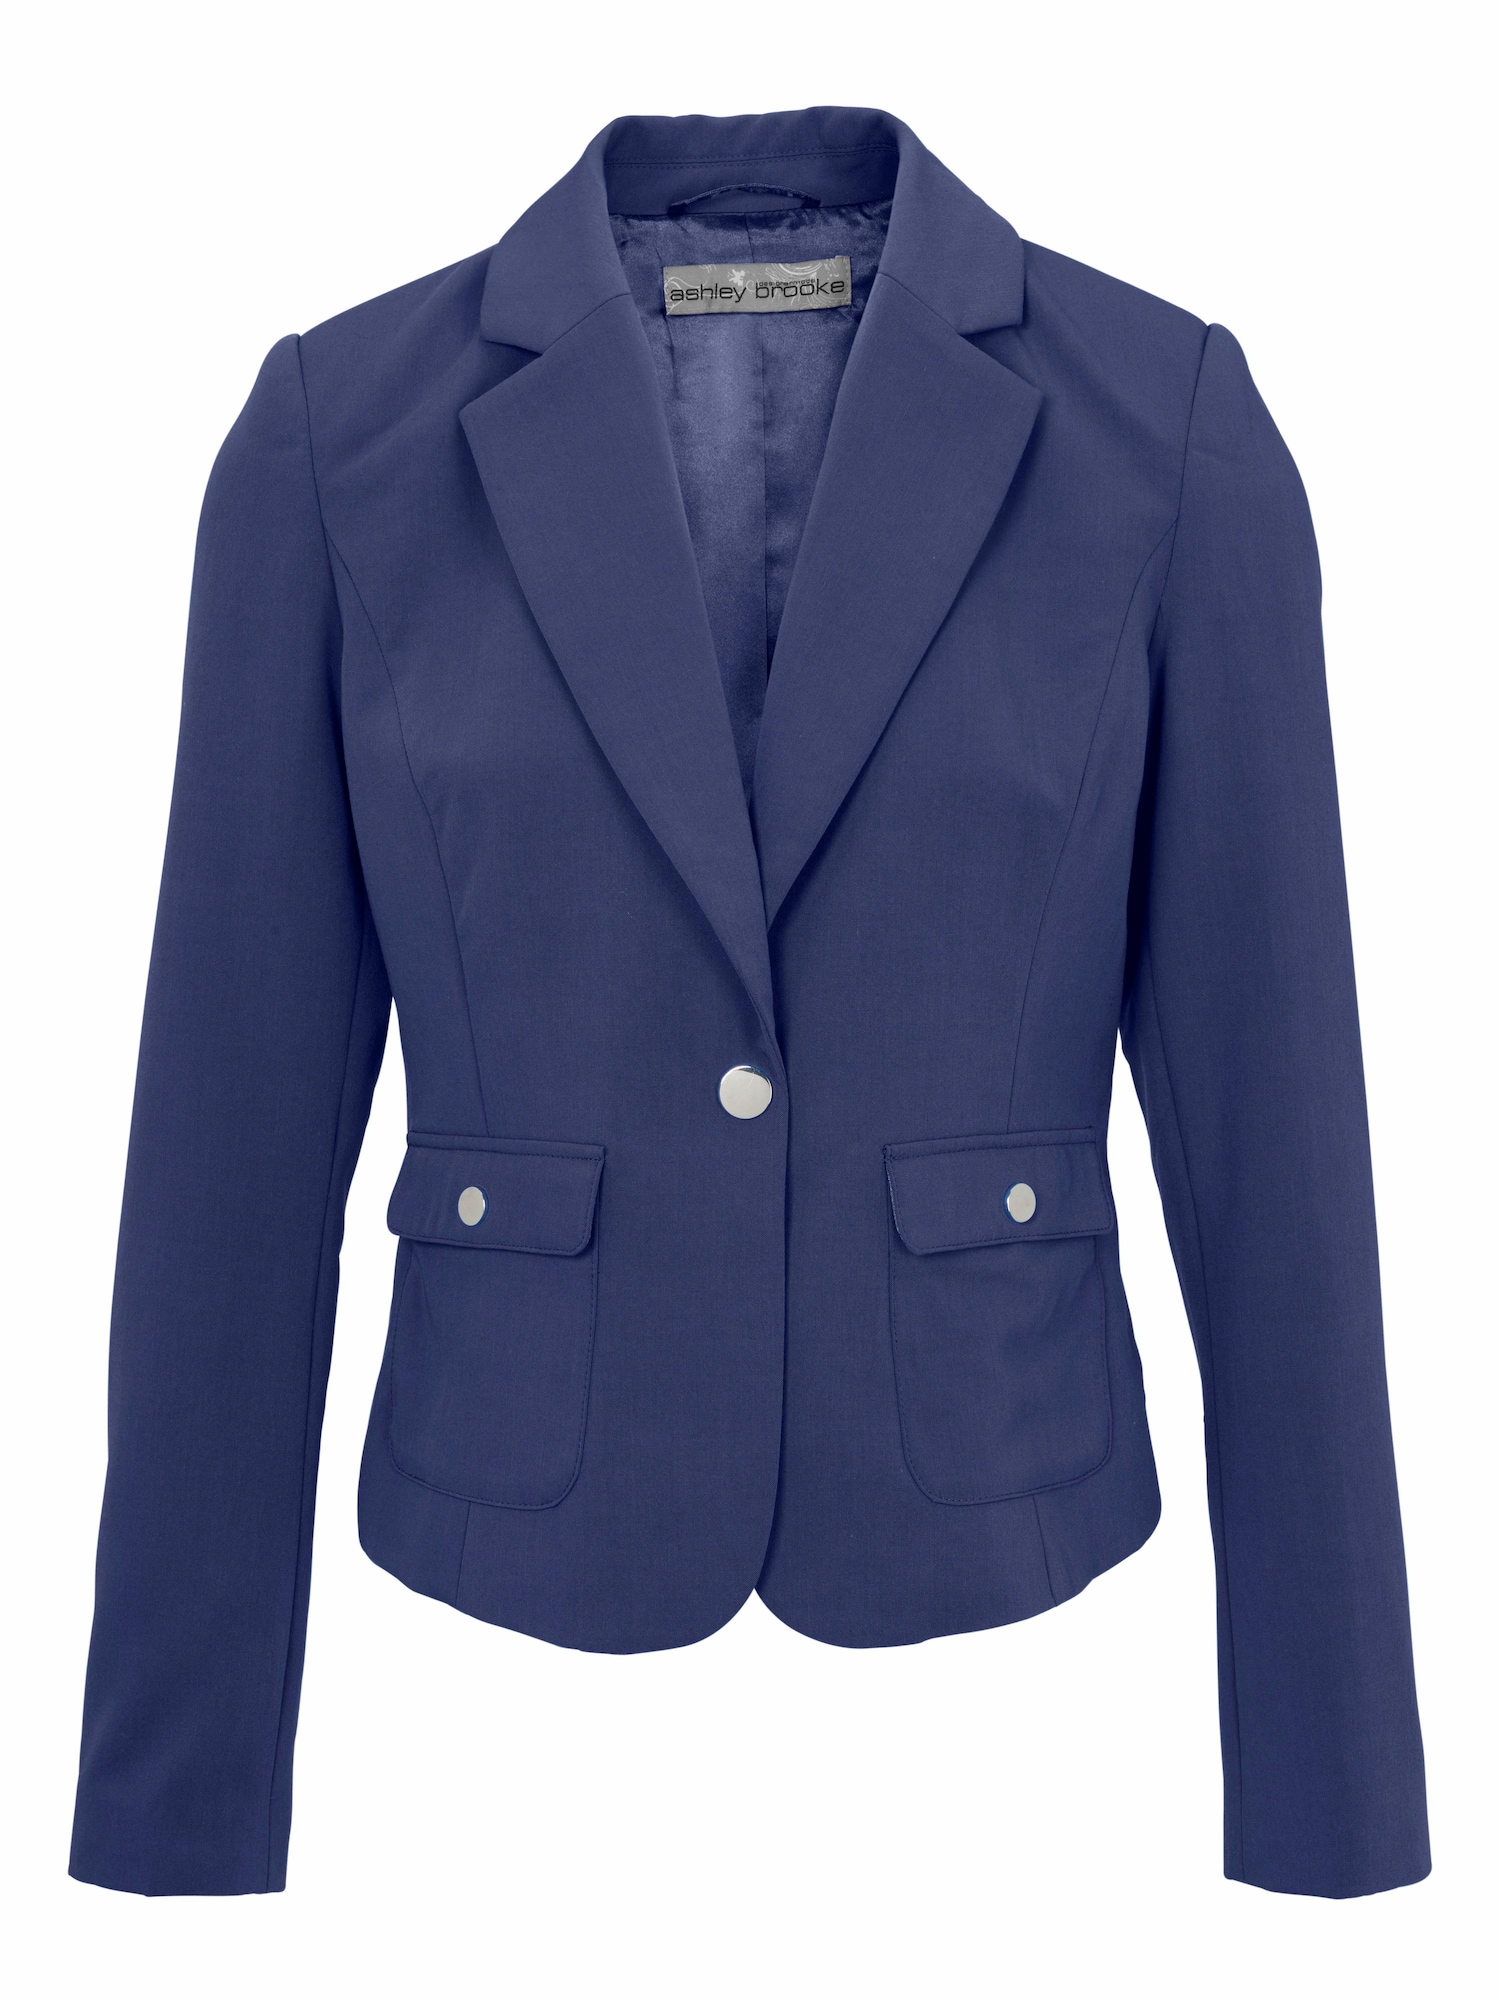 Bodyform-Kurzblazer   Bekleidung > Blazer > Kurzblazer   heine